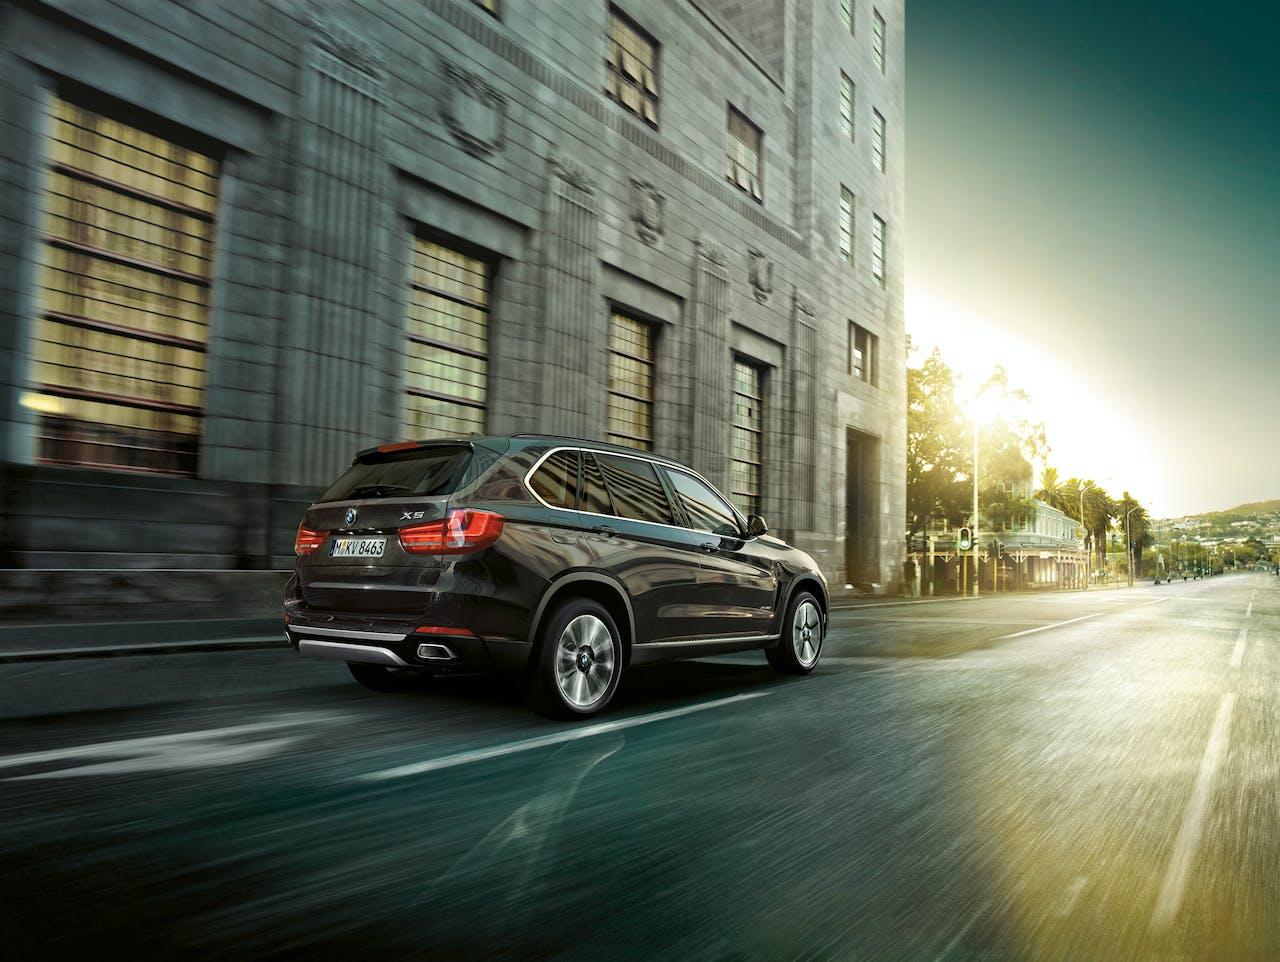 De BMW X5 kan op twee niveaus worden beveiligd.